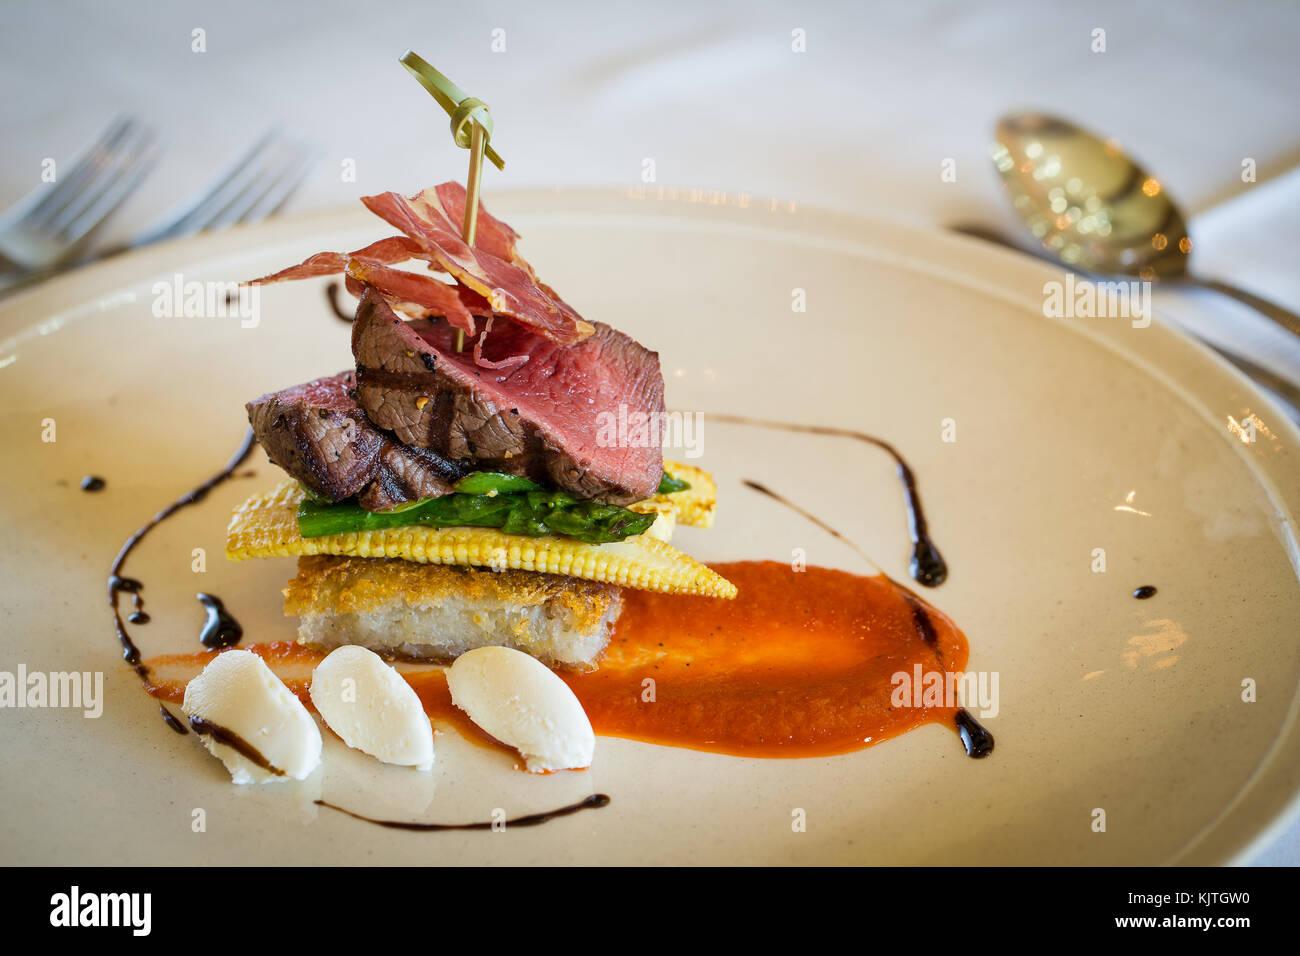 Rosbif gourmet délicieux déjeuner dans un restaurant gastronomique Photo Stock